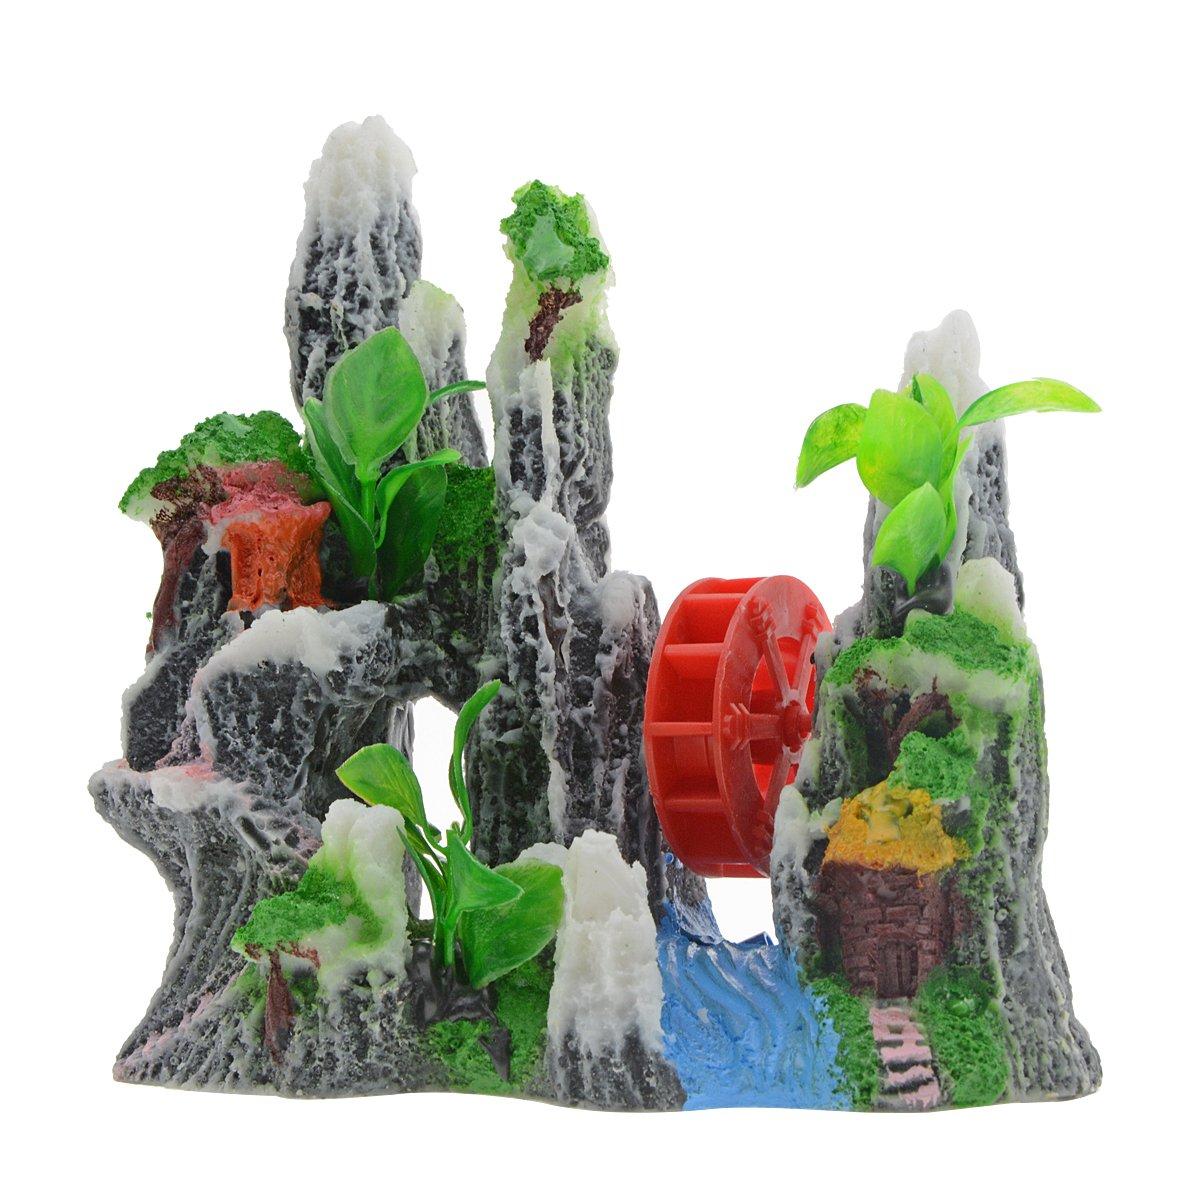 Saim Adornos para Acuario de Resina Decorativos con Diseño de Caminos de Montaña, Color Rojo, para Acuario, casa de Realista, Plantas Artificiales, Paisaje, ...